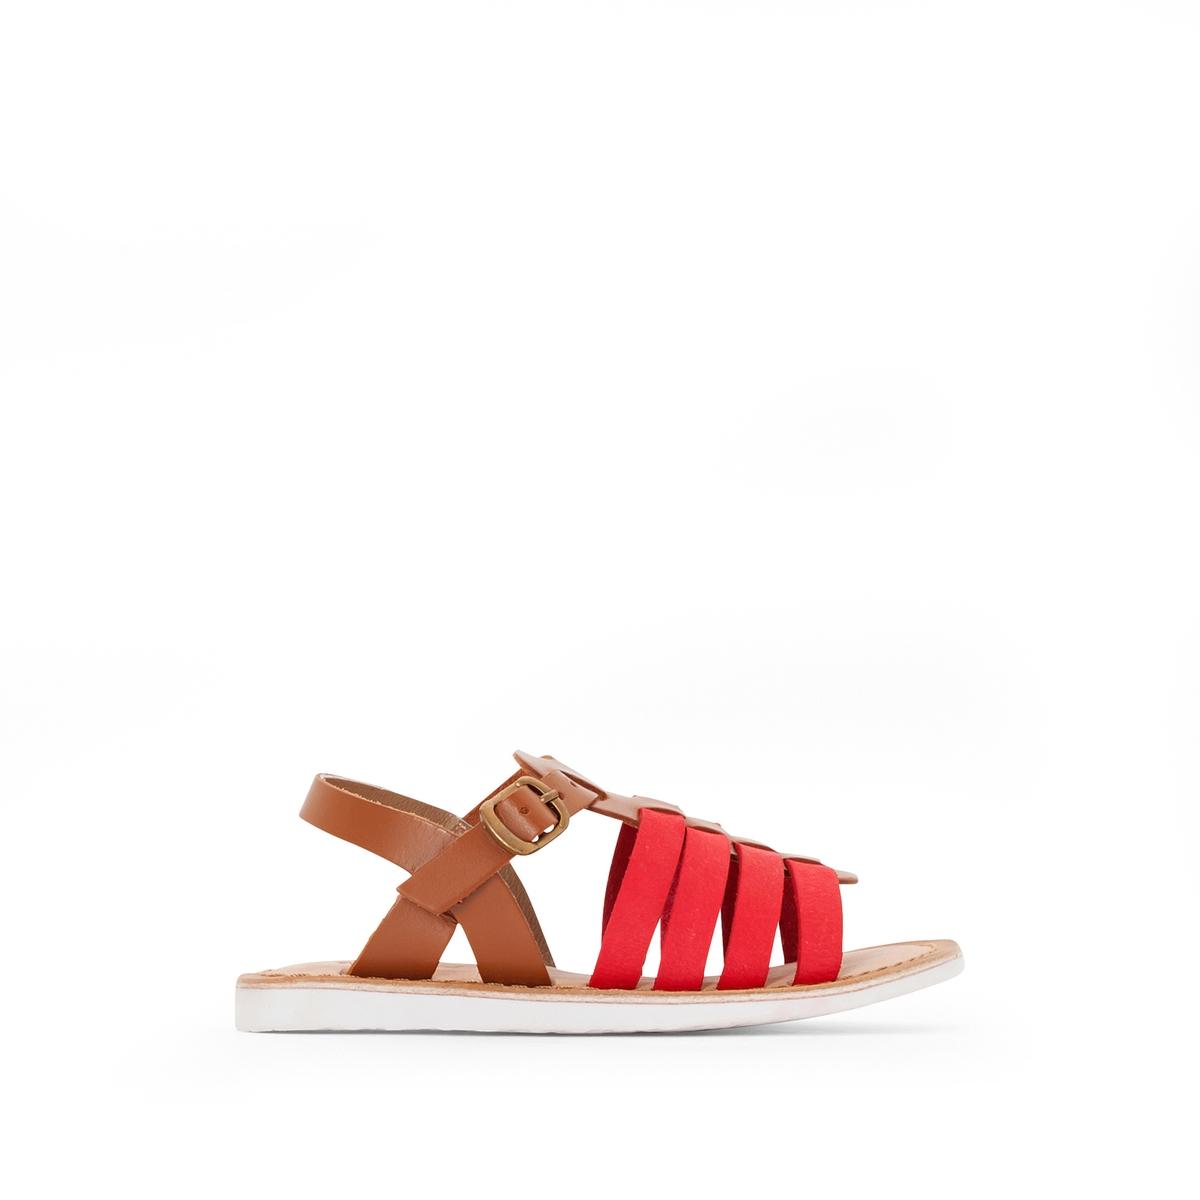 Сандалии кожаные двухцветные SpartaВерх : Невыделанная кожа   Подкладка : Козья кожа    Стелька : Кожа буйволаПодошва : синтетика   Застежка : пряжка.<br><br>Цвет: красный/темно-бежевый<br>Размер: 35